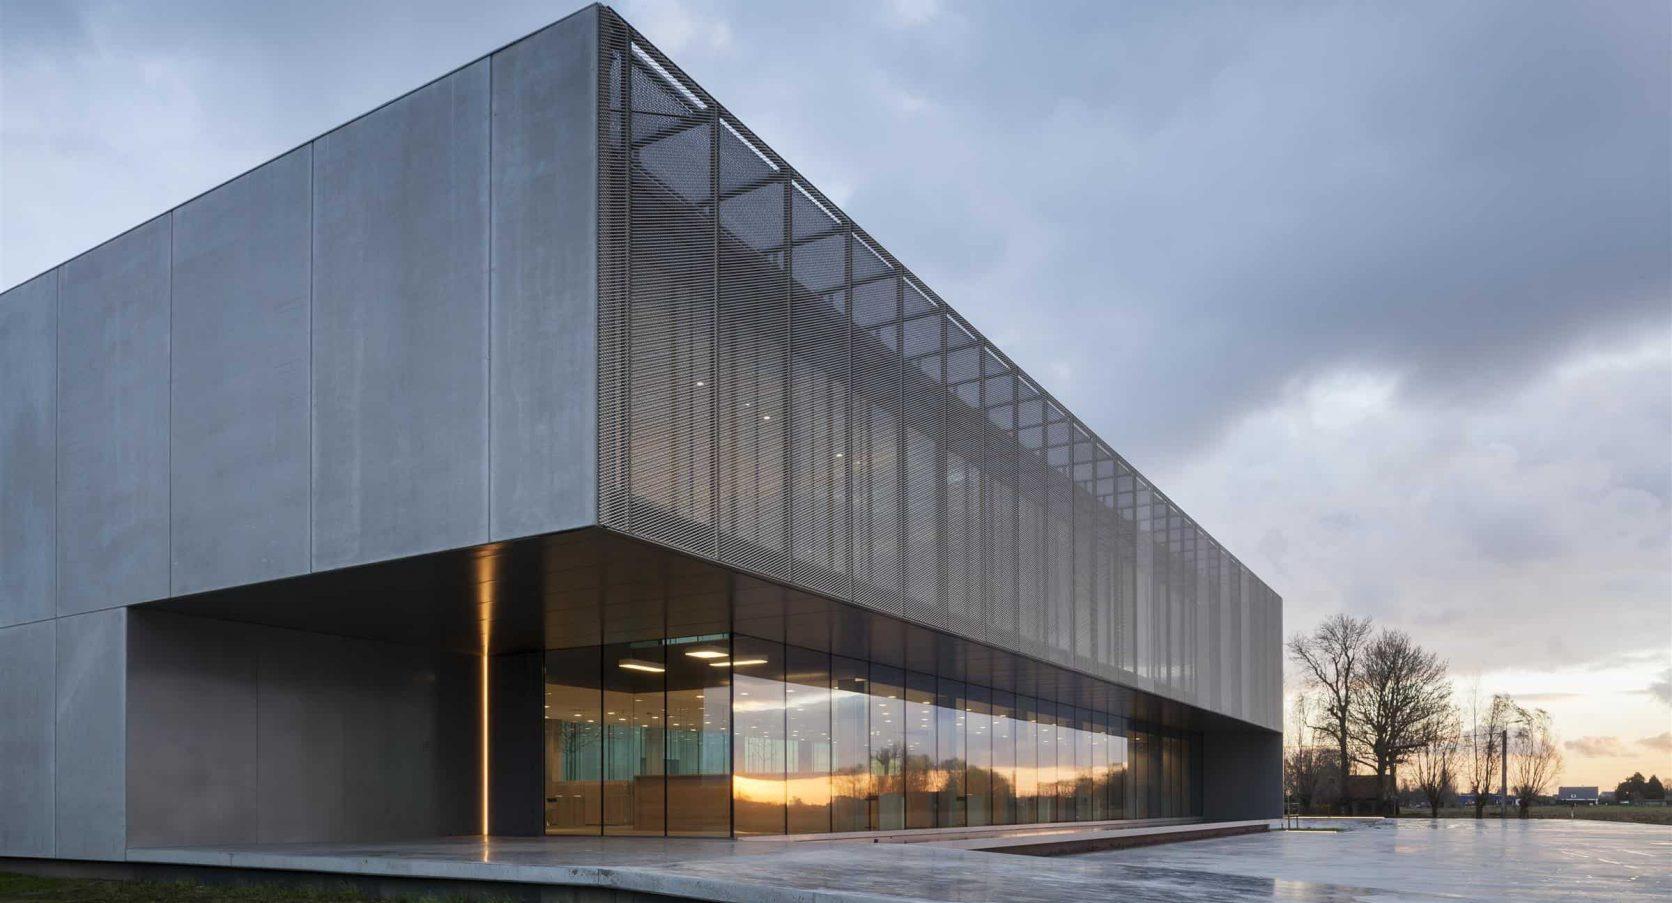 Zijkant van het gebouw ROB te Ardooie in België voorzien van strekmetalen gevels die zonwerend zijn